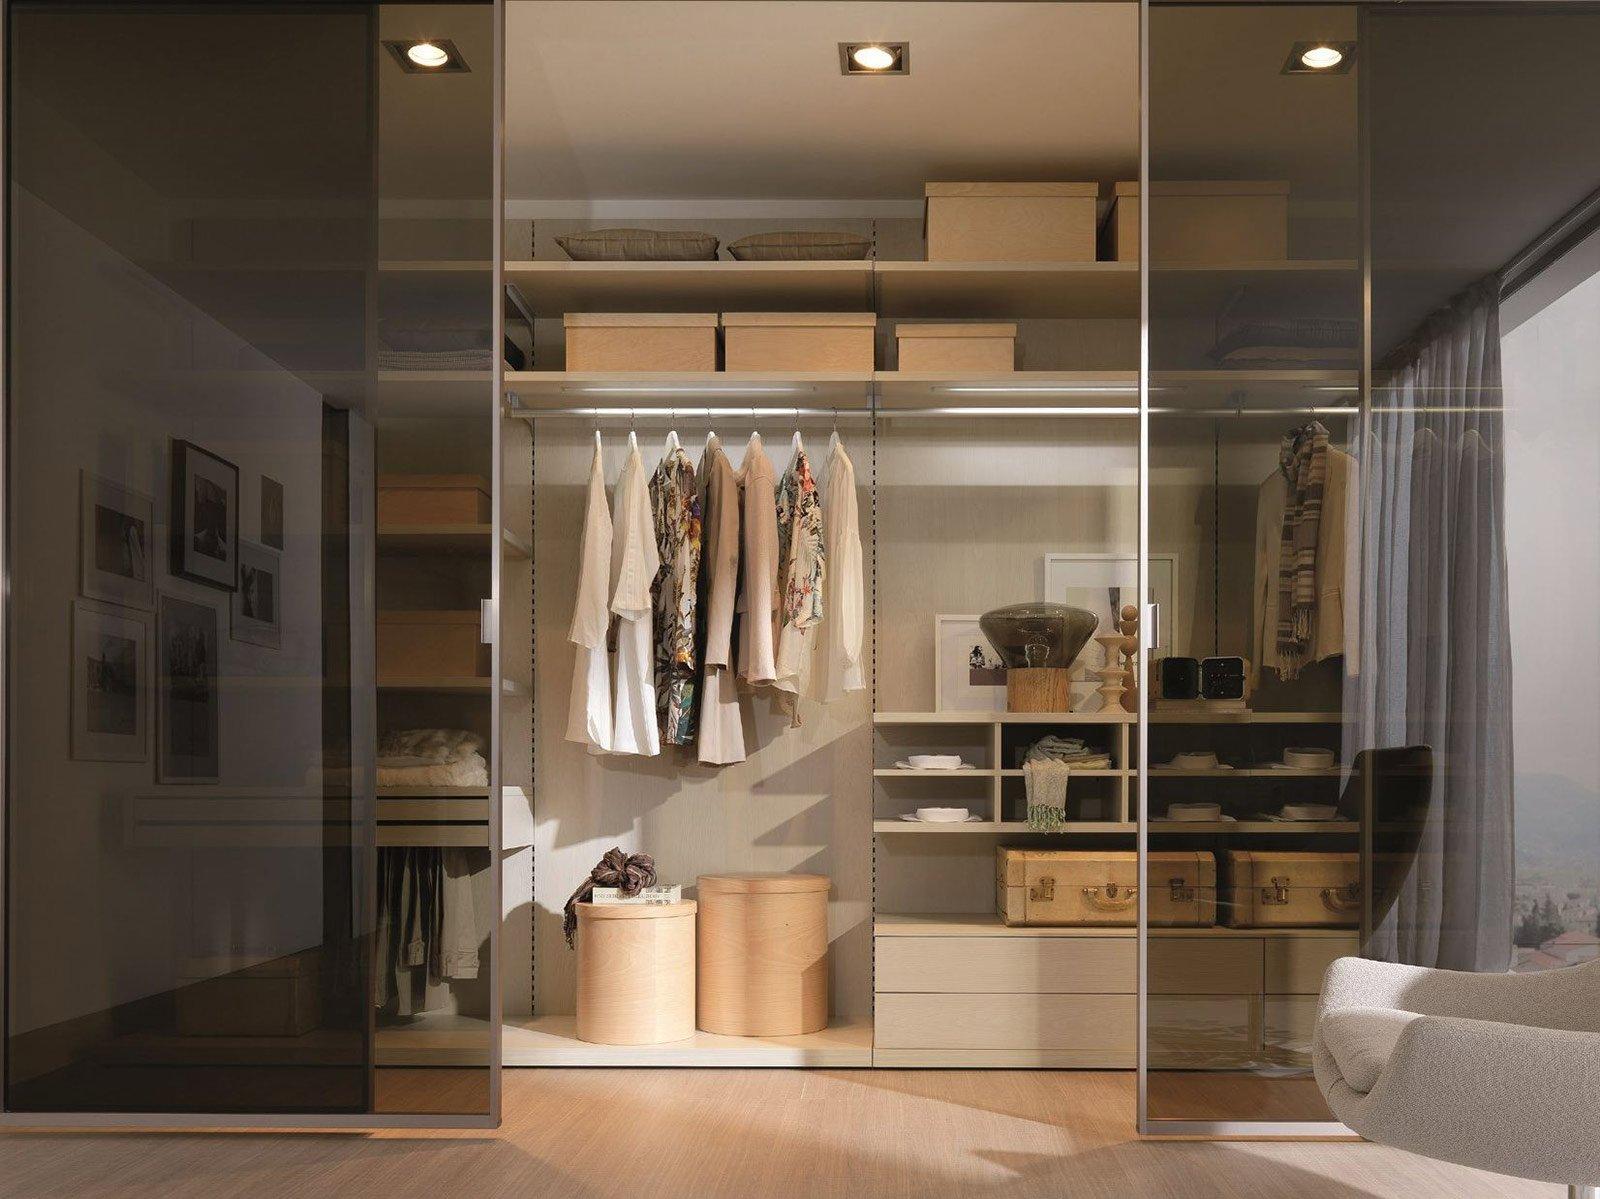 Cabine armadio progettiamo insieme lo spazio cose di casa - Ante per cabina armadio ...